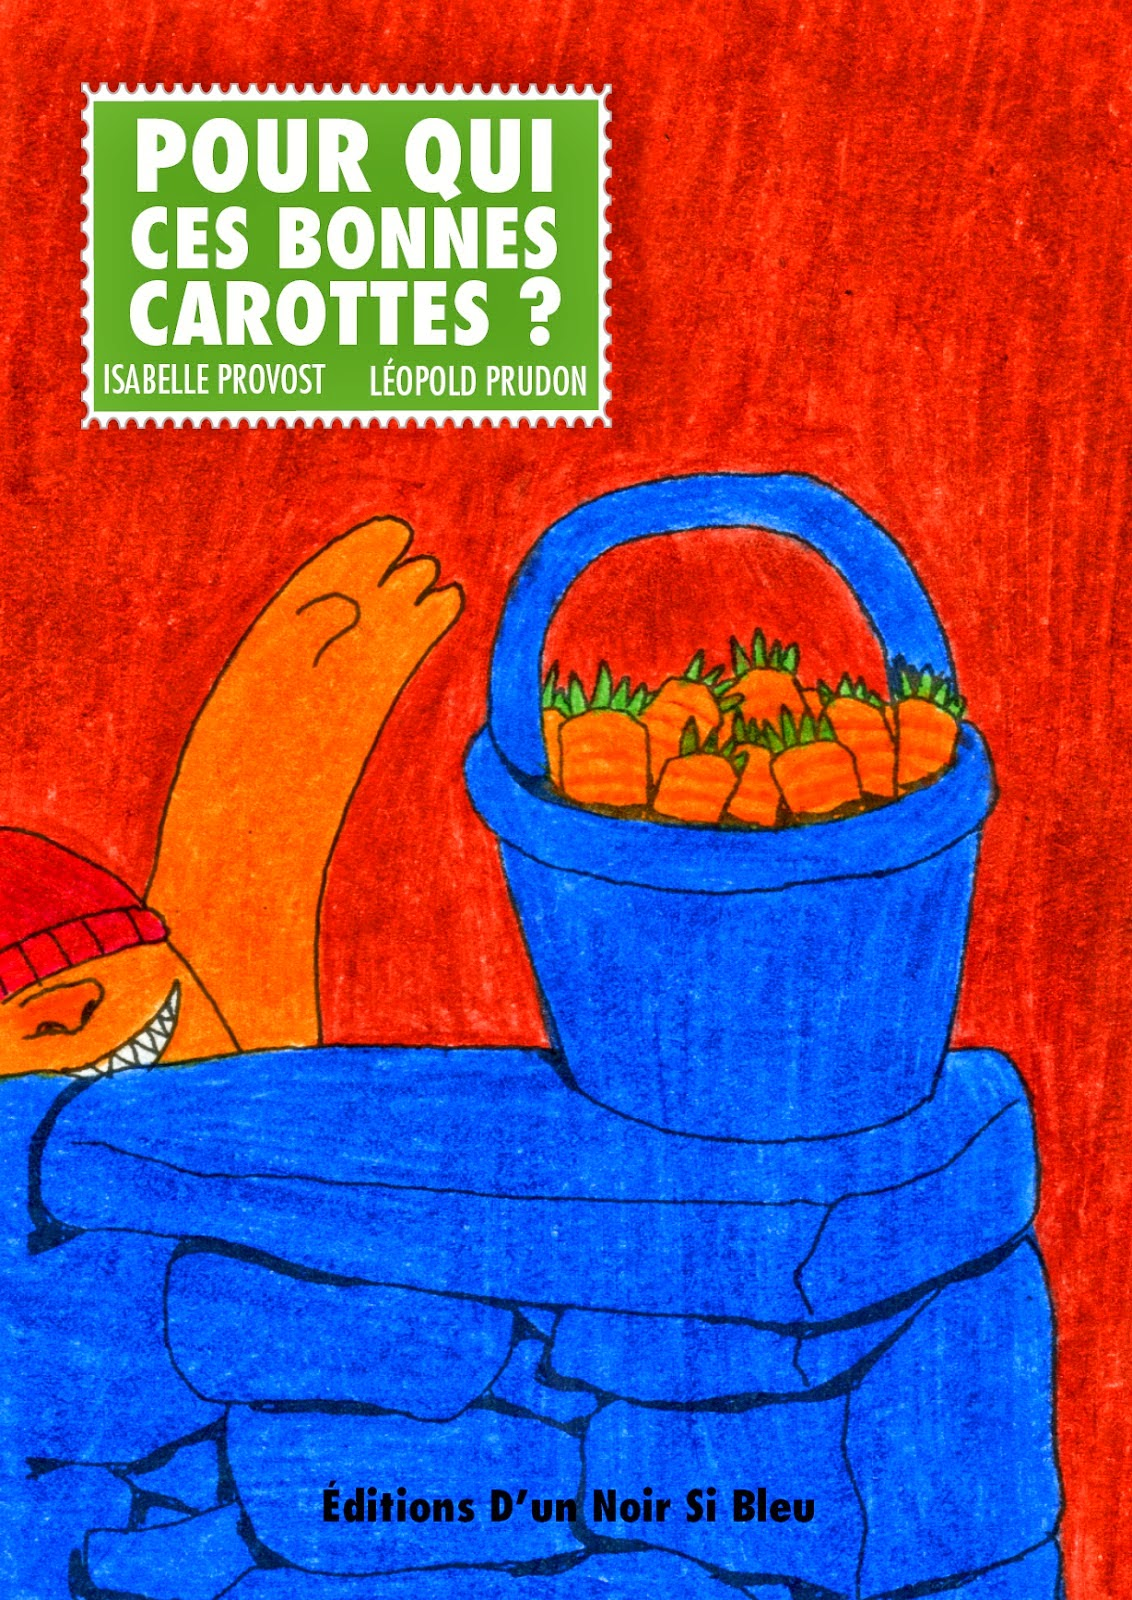 Pour qui ces bonnes carottes?